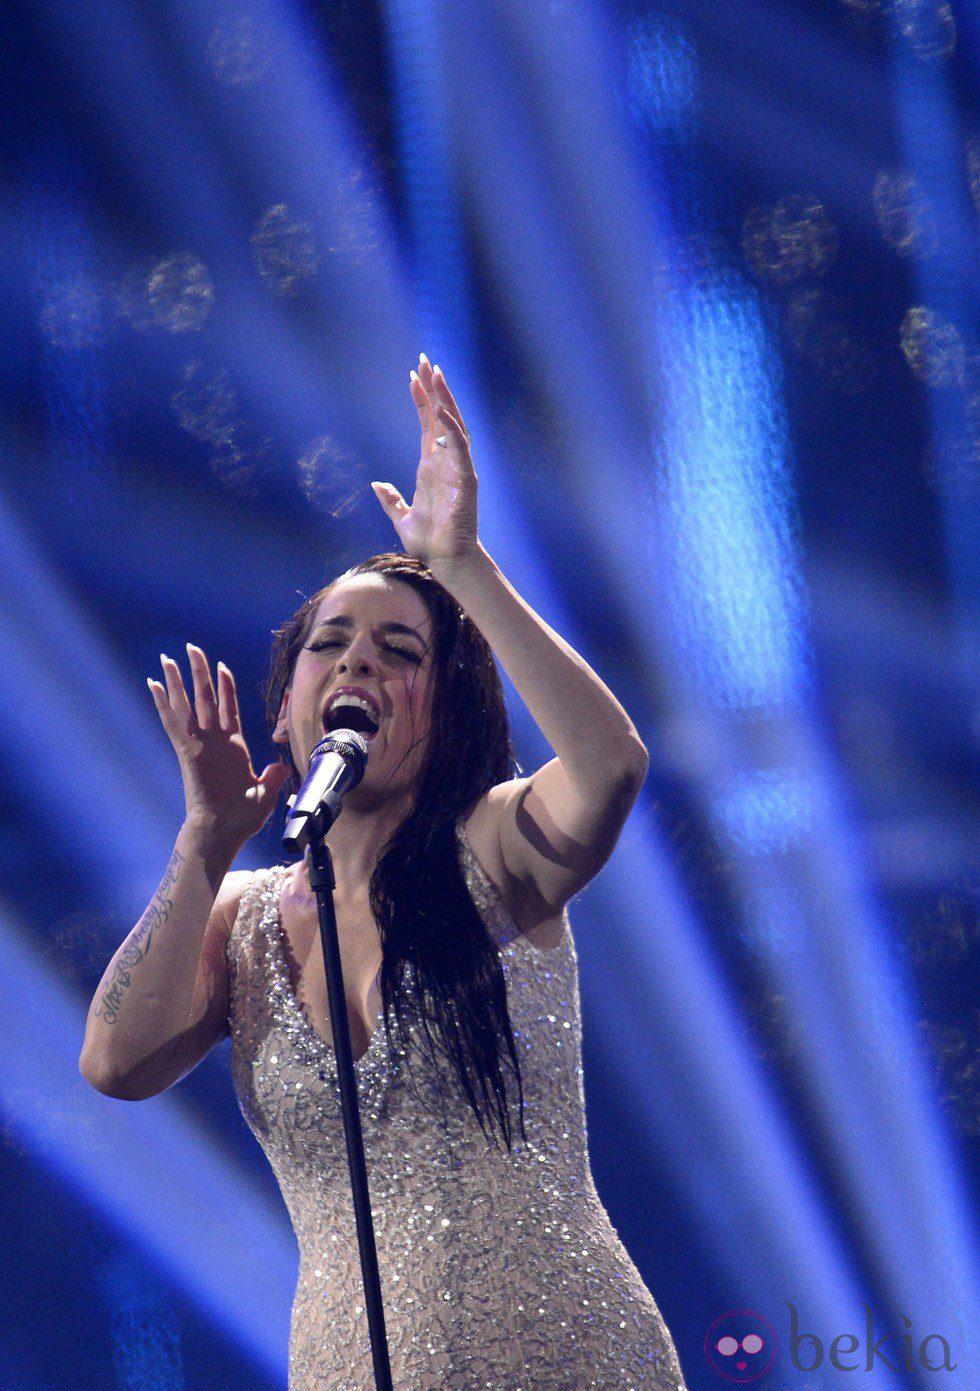 Ruth Lorenzo interpreta el tema 'Dancing in the Rain' en el Festival de Eurovisión 2014